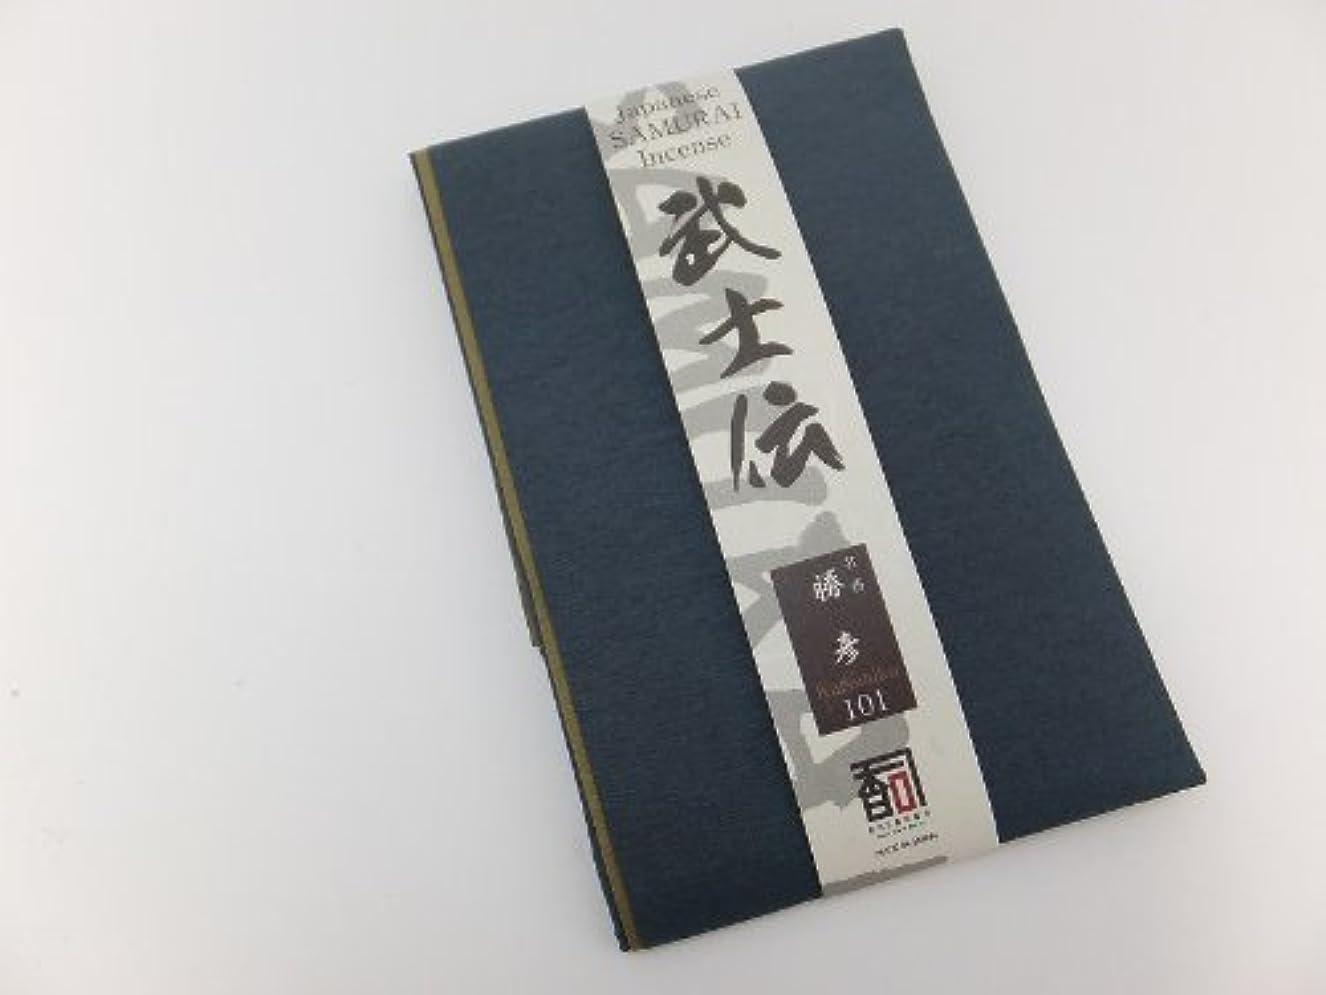 承認効能あるニッケル「あわじ島の香司」 日本の香りシリーズ 武士伝 【101】 勝彦 ◆経済産業大臣賞◆